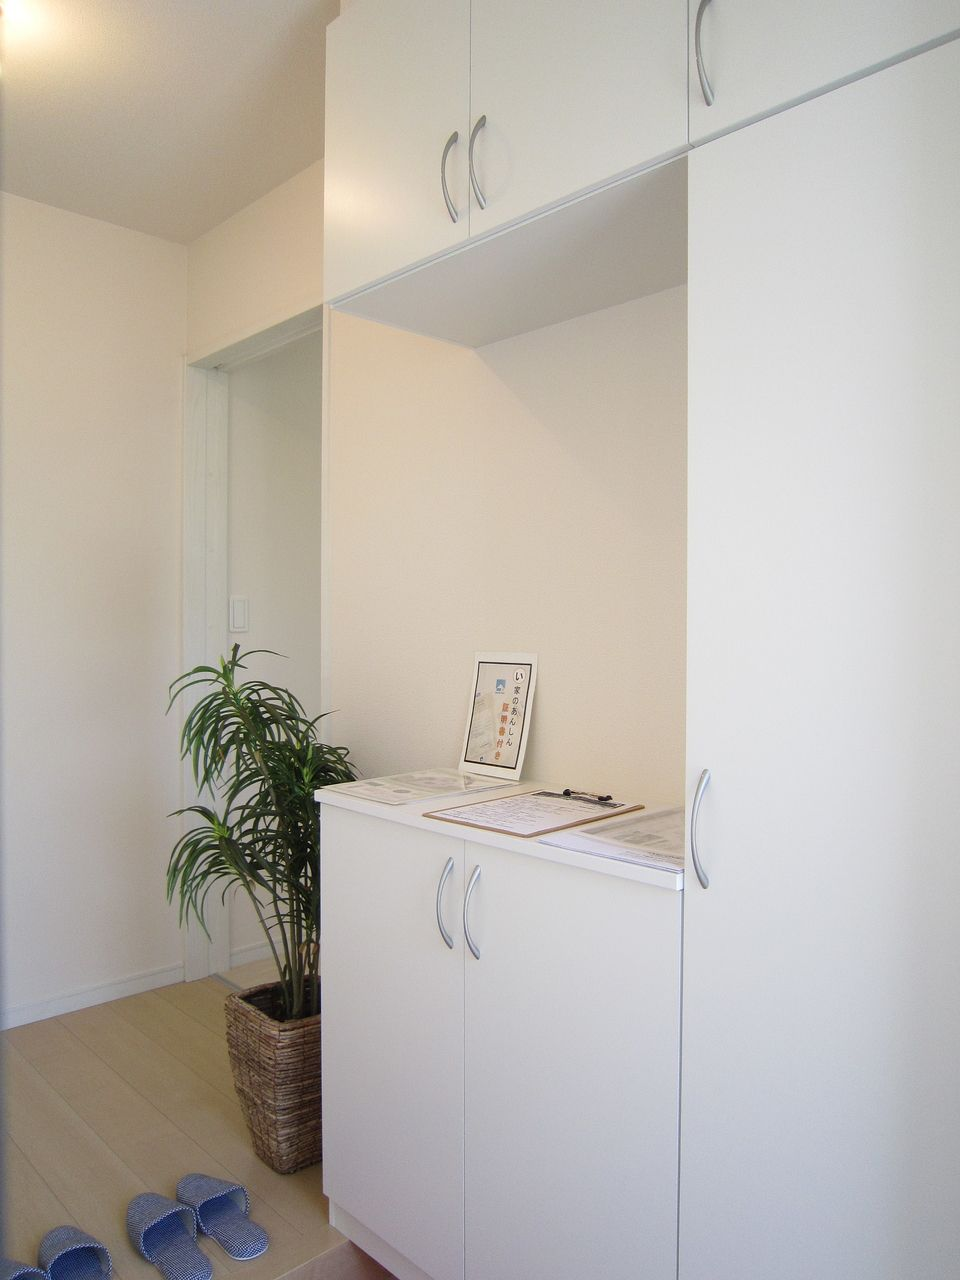 白で統一された玄関は、明るく清潔感が溢れ、お客様を迎え入れる準備万端です。